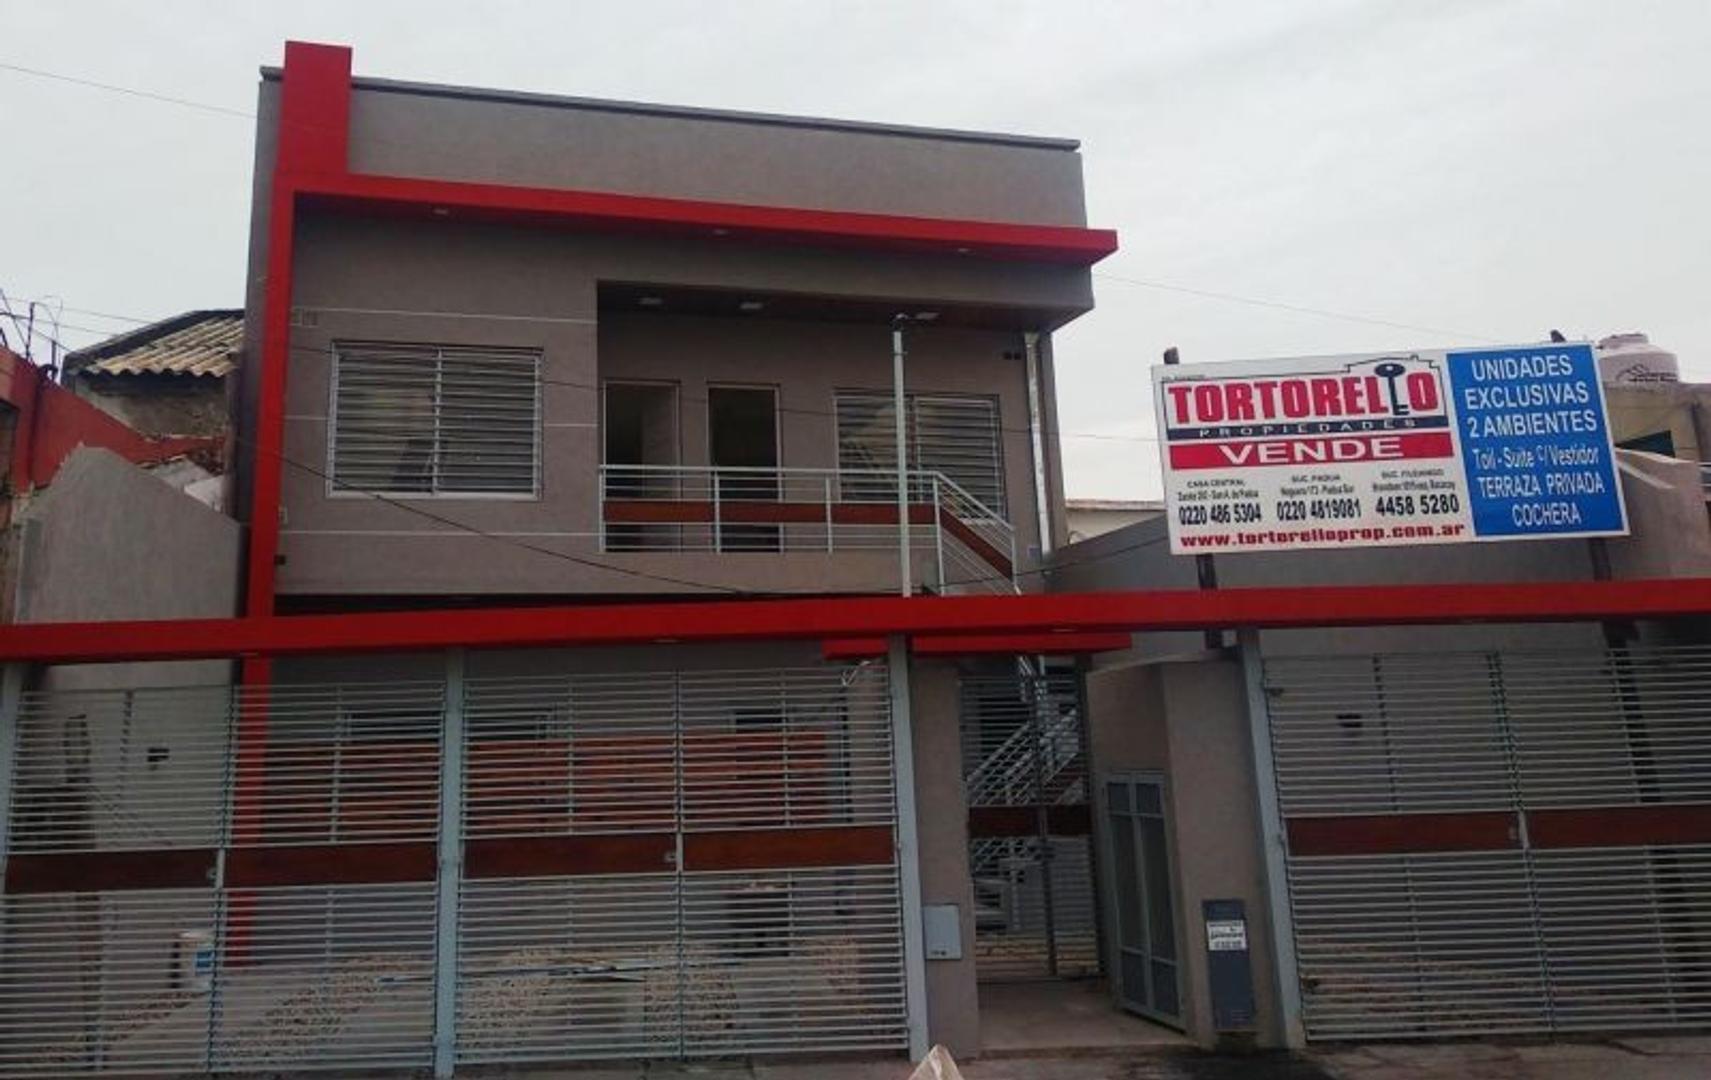 Departamento en Venta en San Antonio De Padua - 2 ambientes